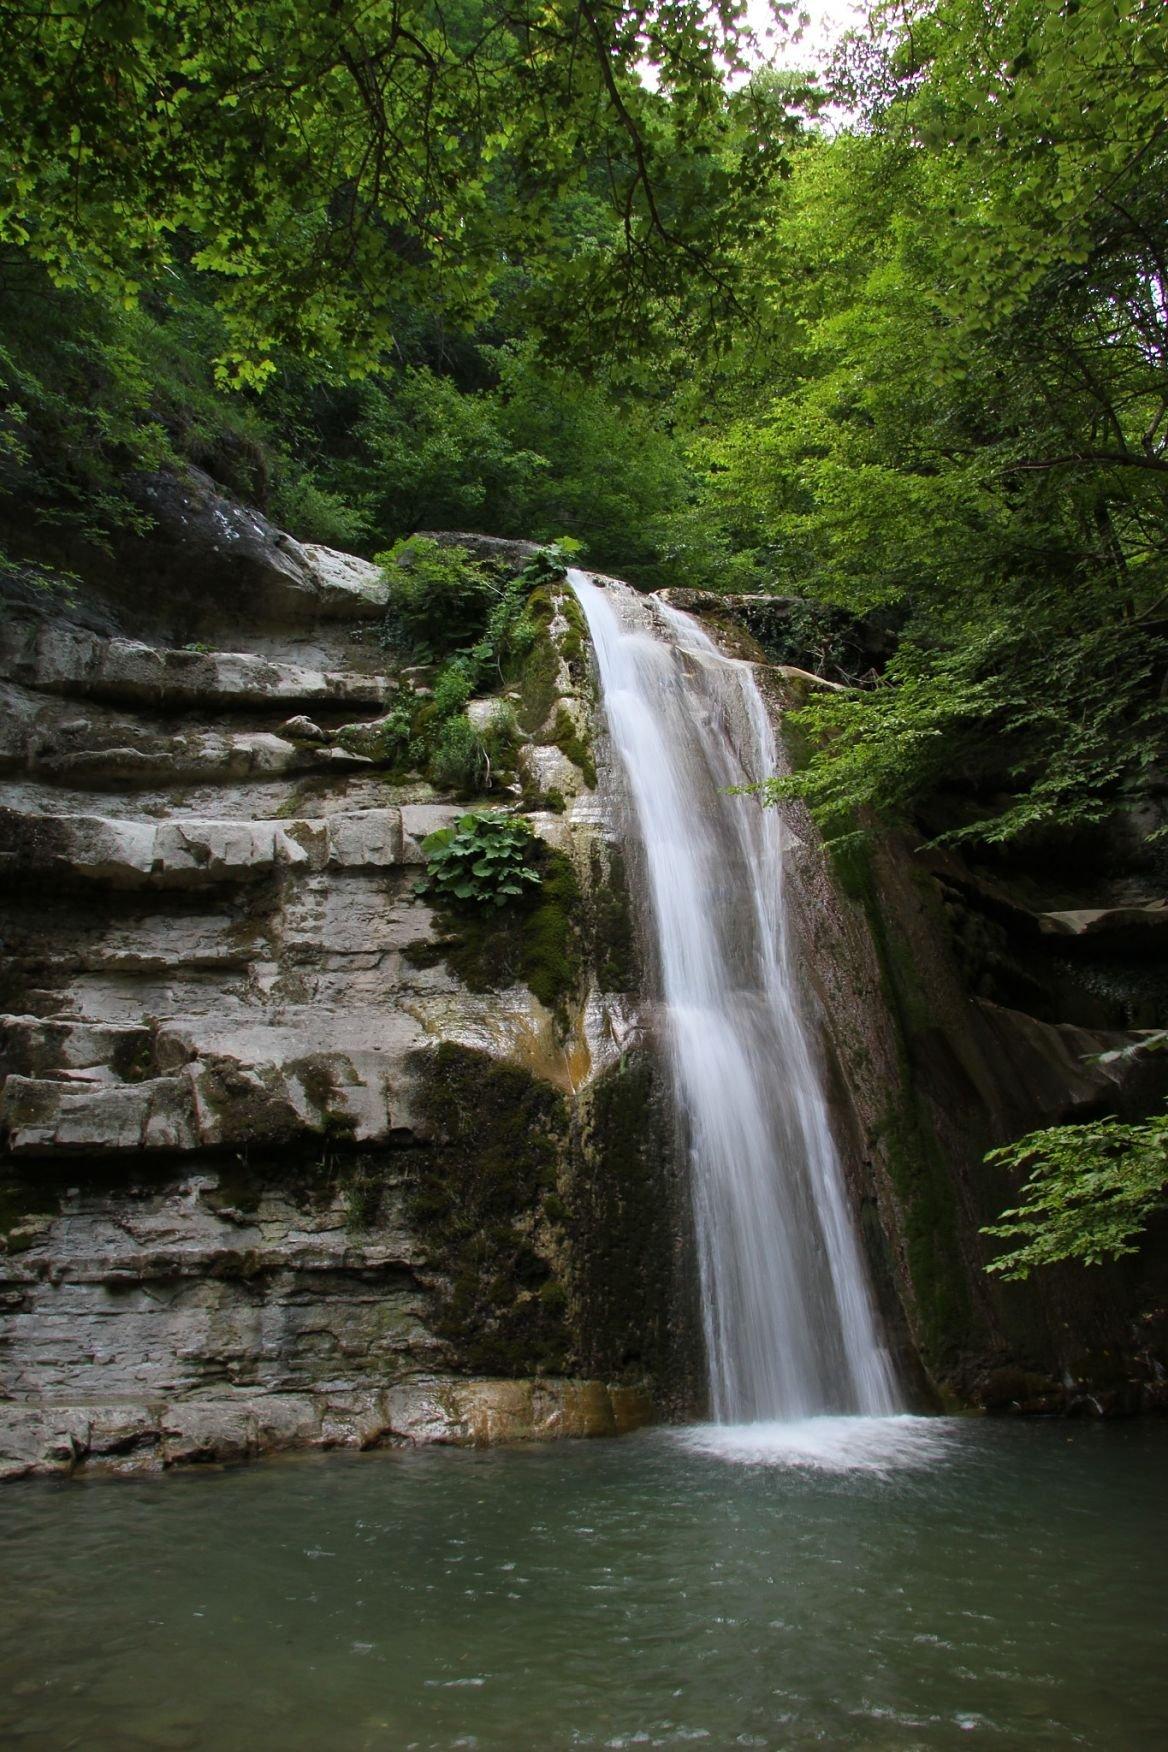 Une cascade dans le parc naturel de Casentino en Italie.